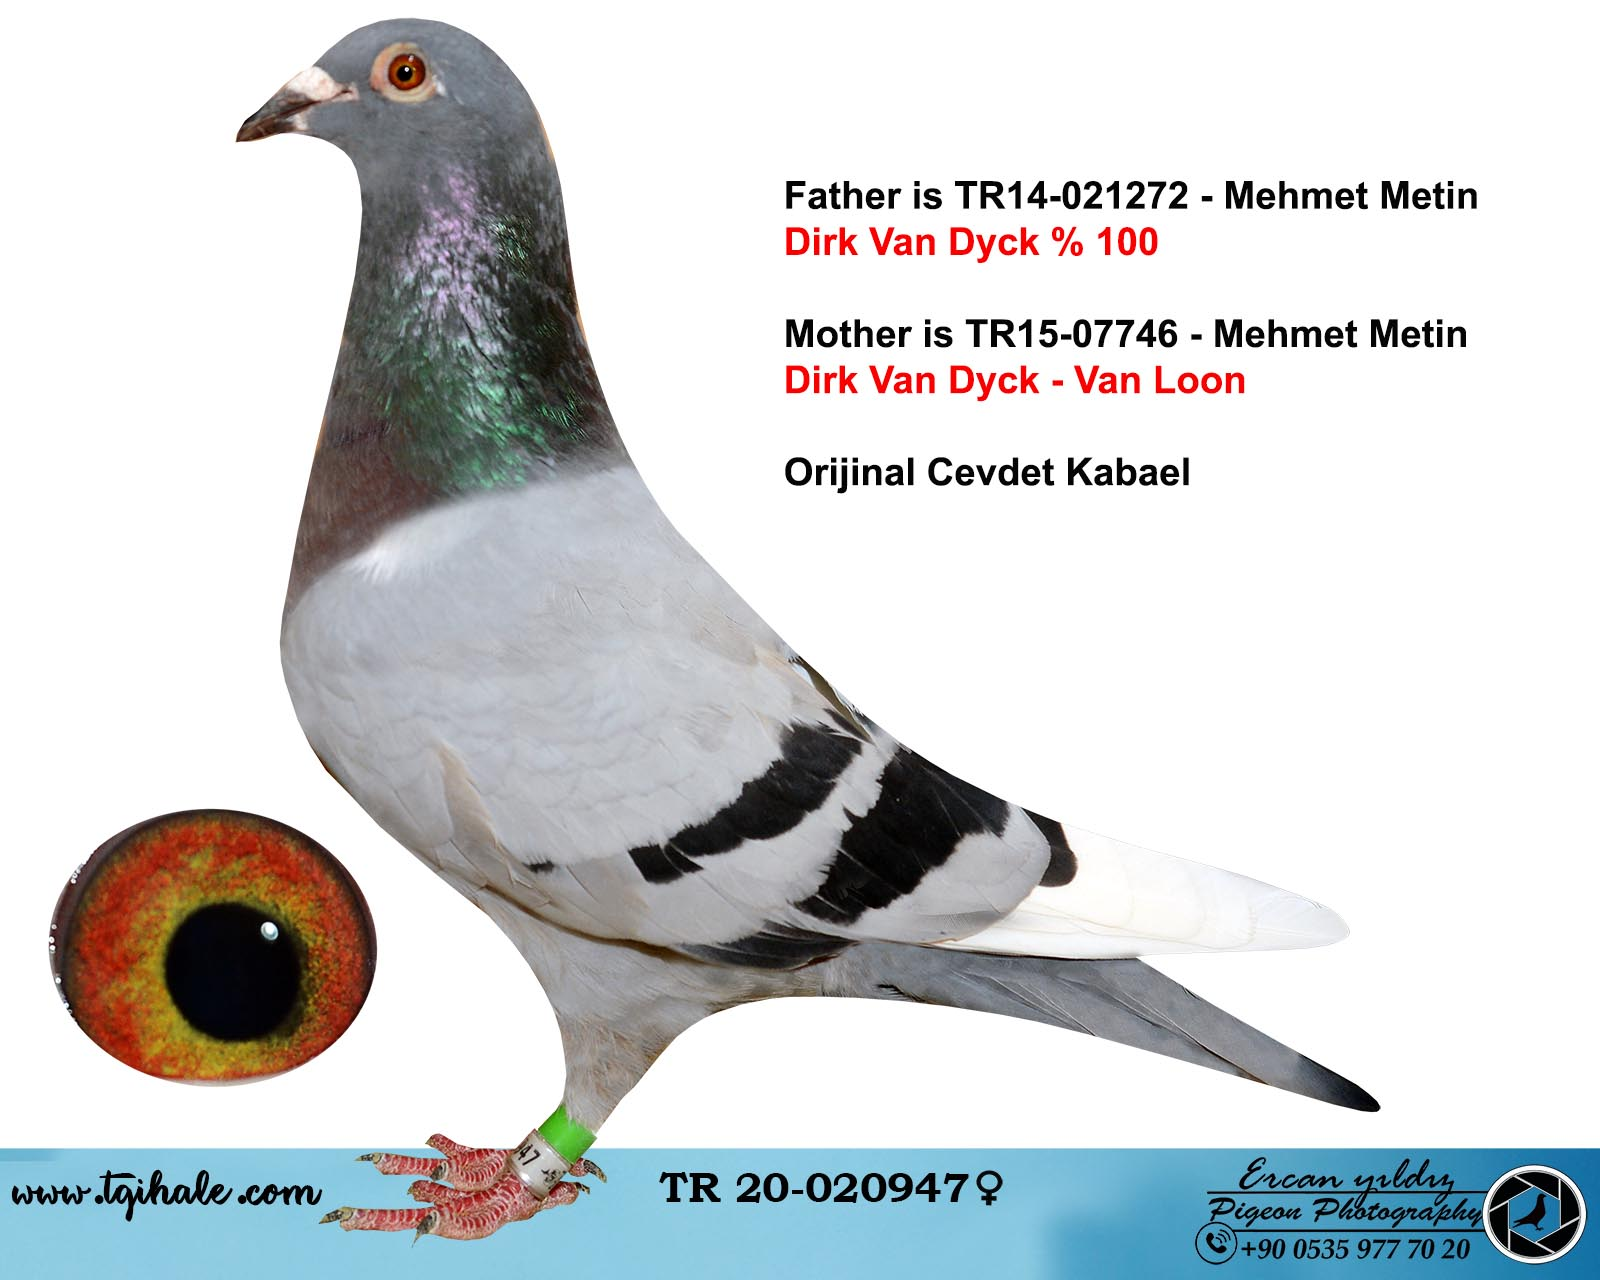 TR20-020947 DİŞİ / DİRK VAN DYCK - LOUIS VAN LOON